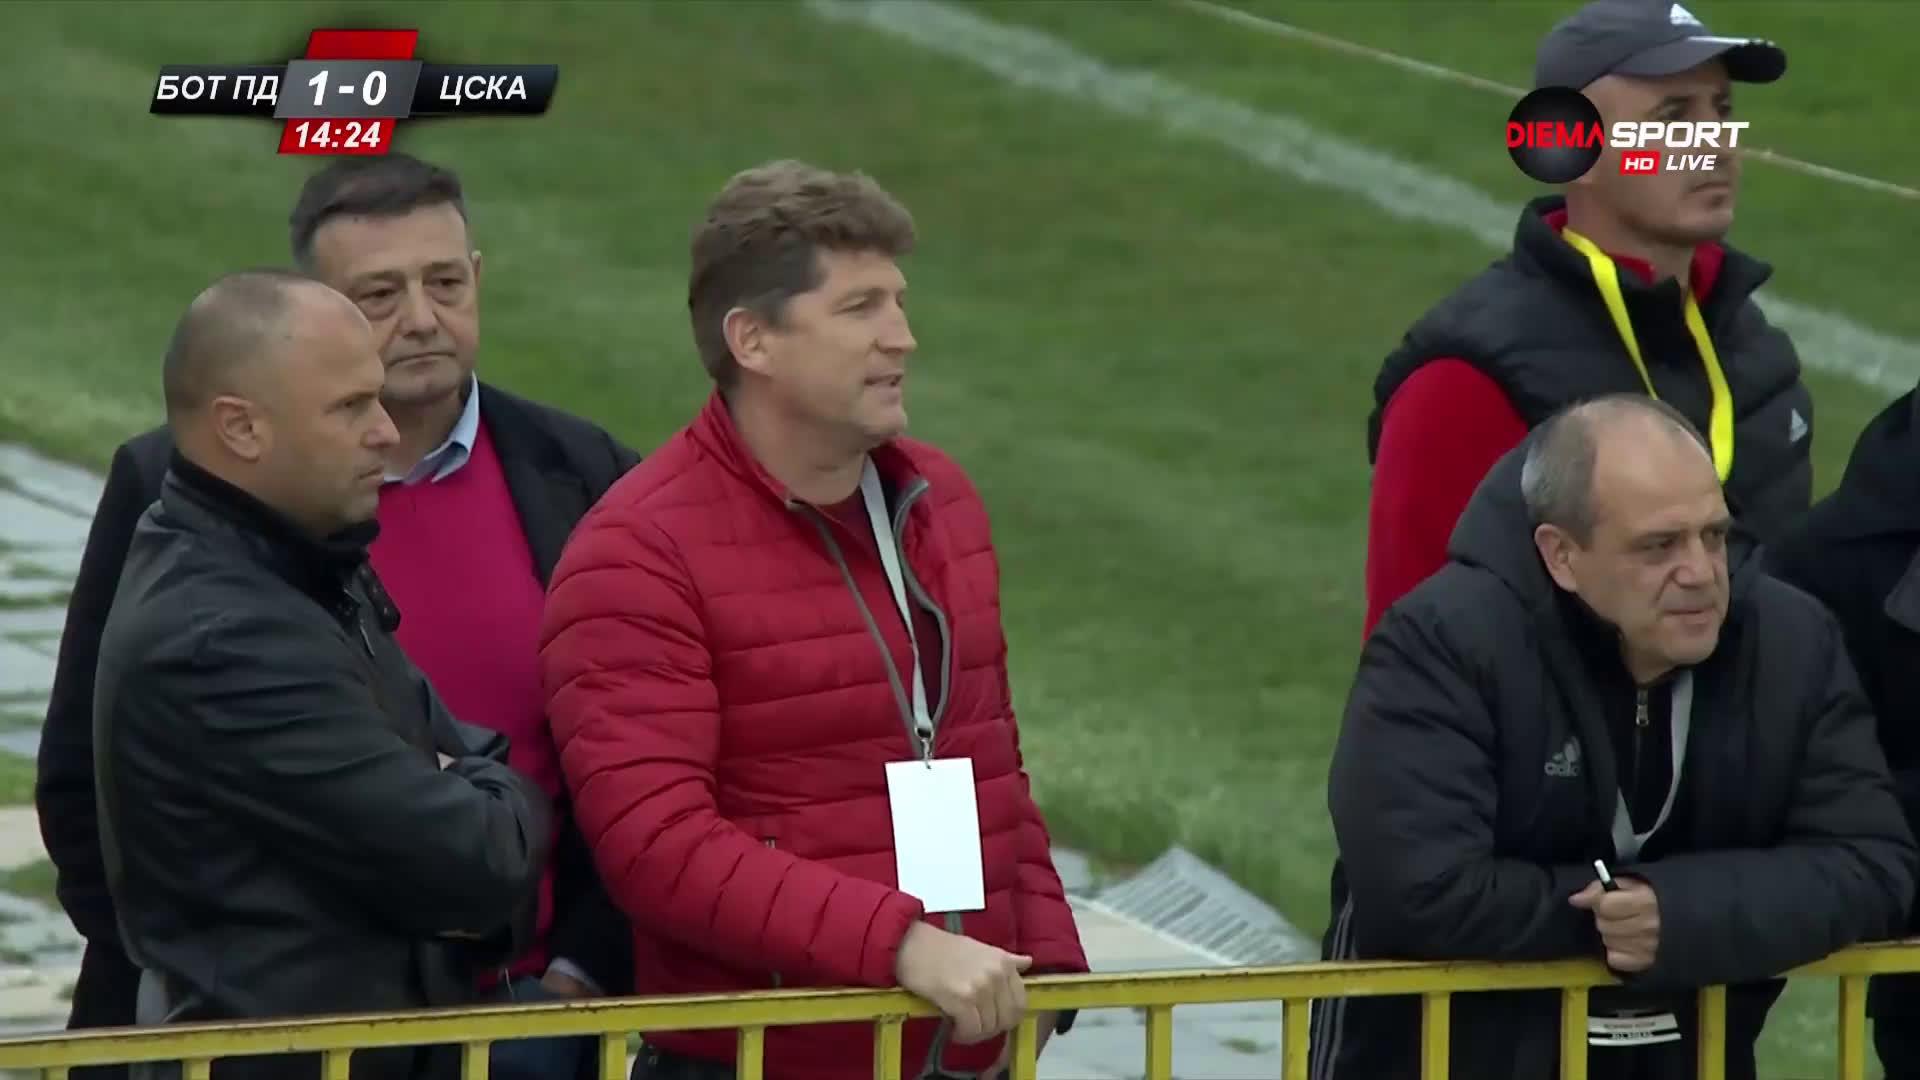 Ръководството на ЦСКА гледа мача от странно място